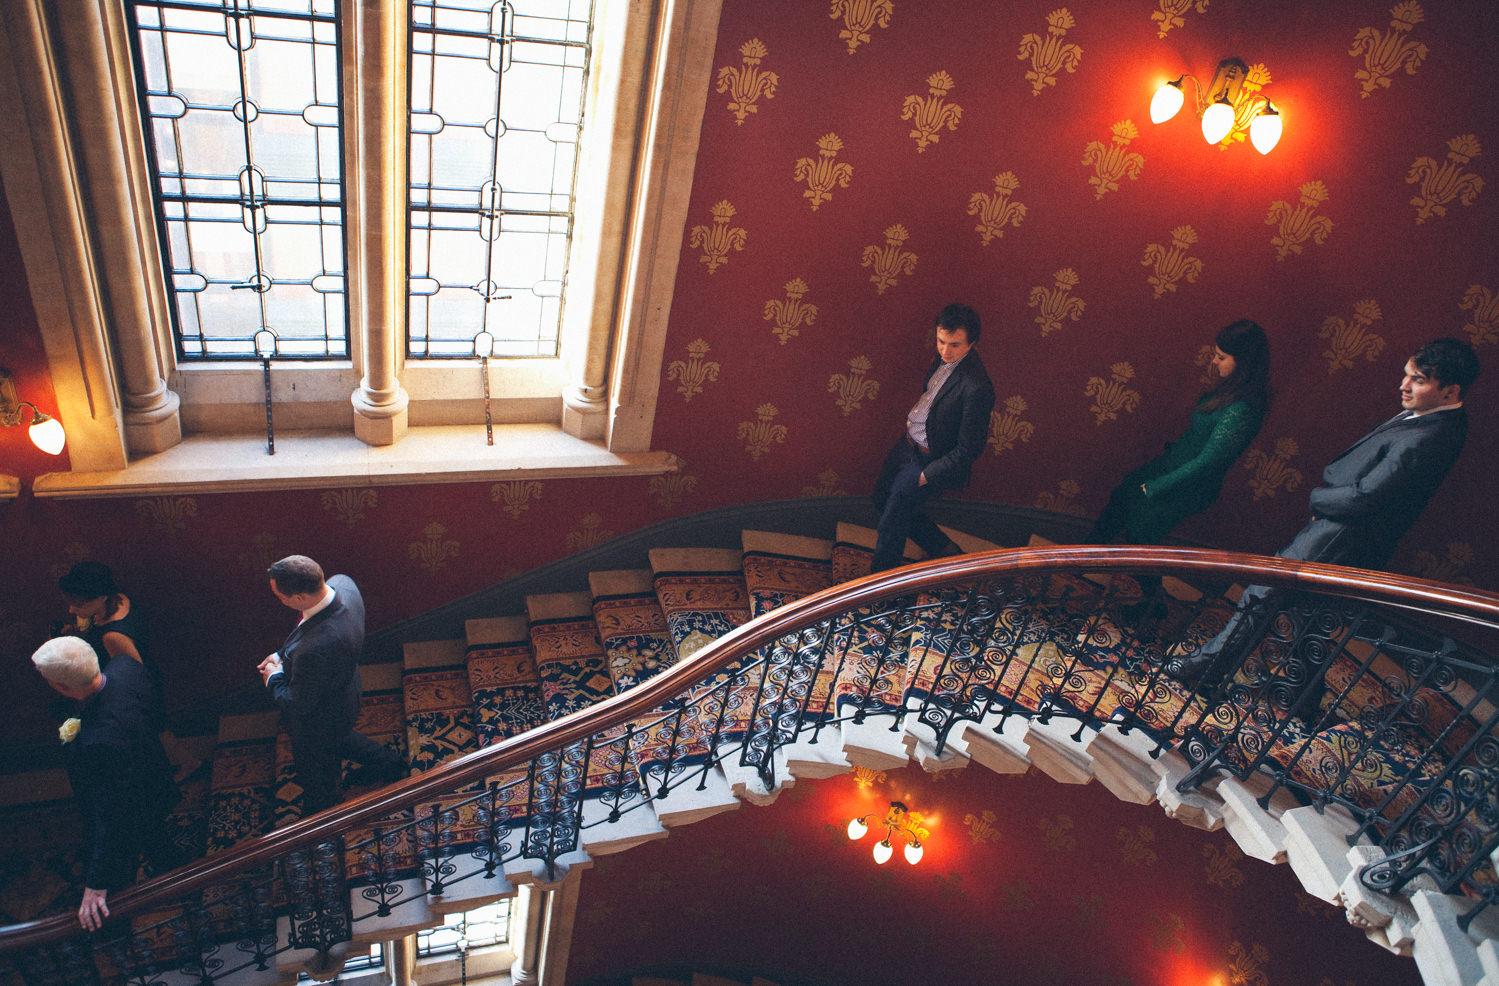 winter-wedding-st-pancras-renaissance-hotel-21